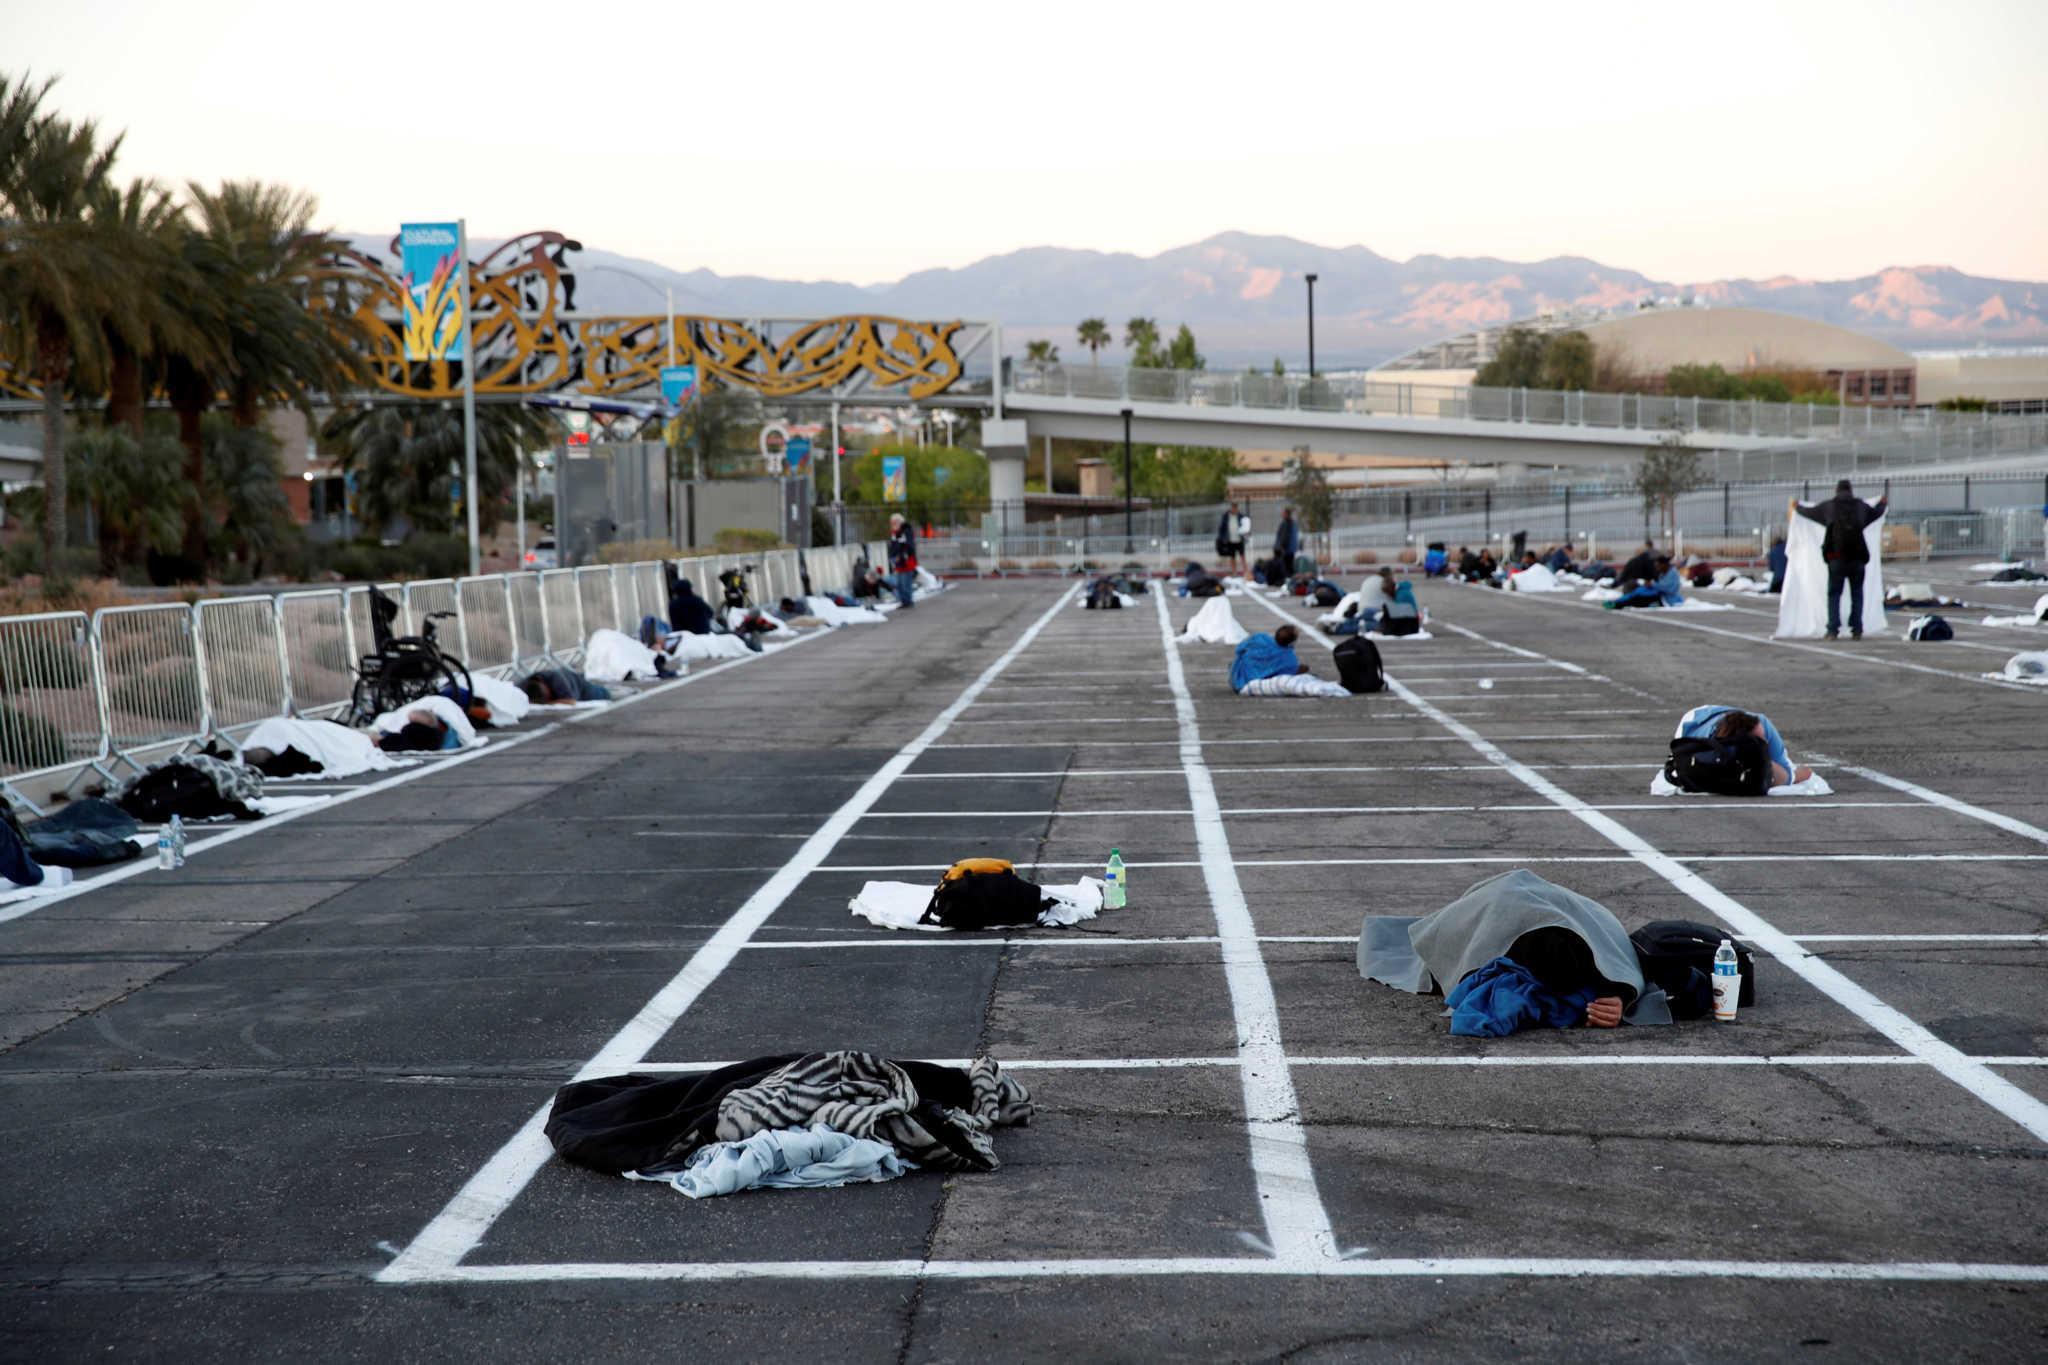 500 άστεγοι κοιμούνται με απόσταση 2 μέτρων σε ανοικτό πάρκινγκ στο Λας Βέγκας (φωτογραφίες)